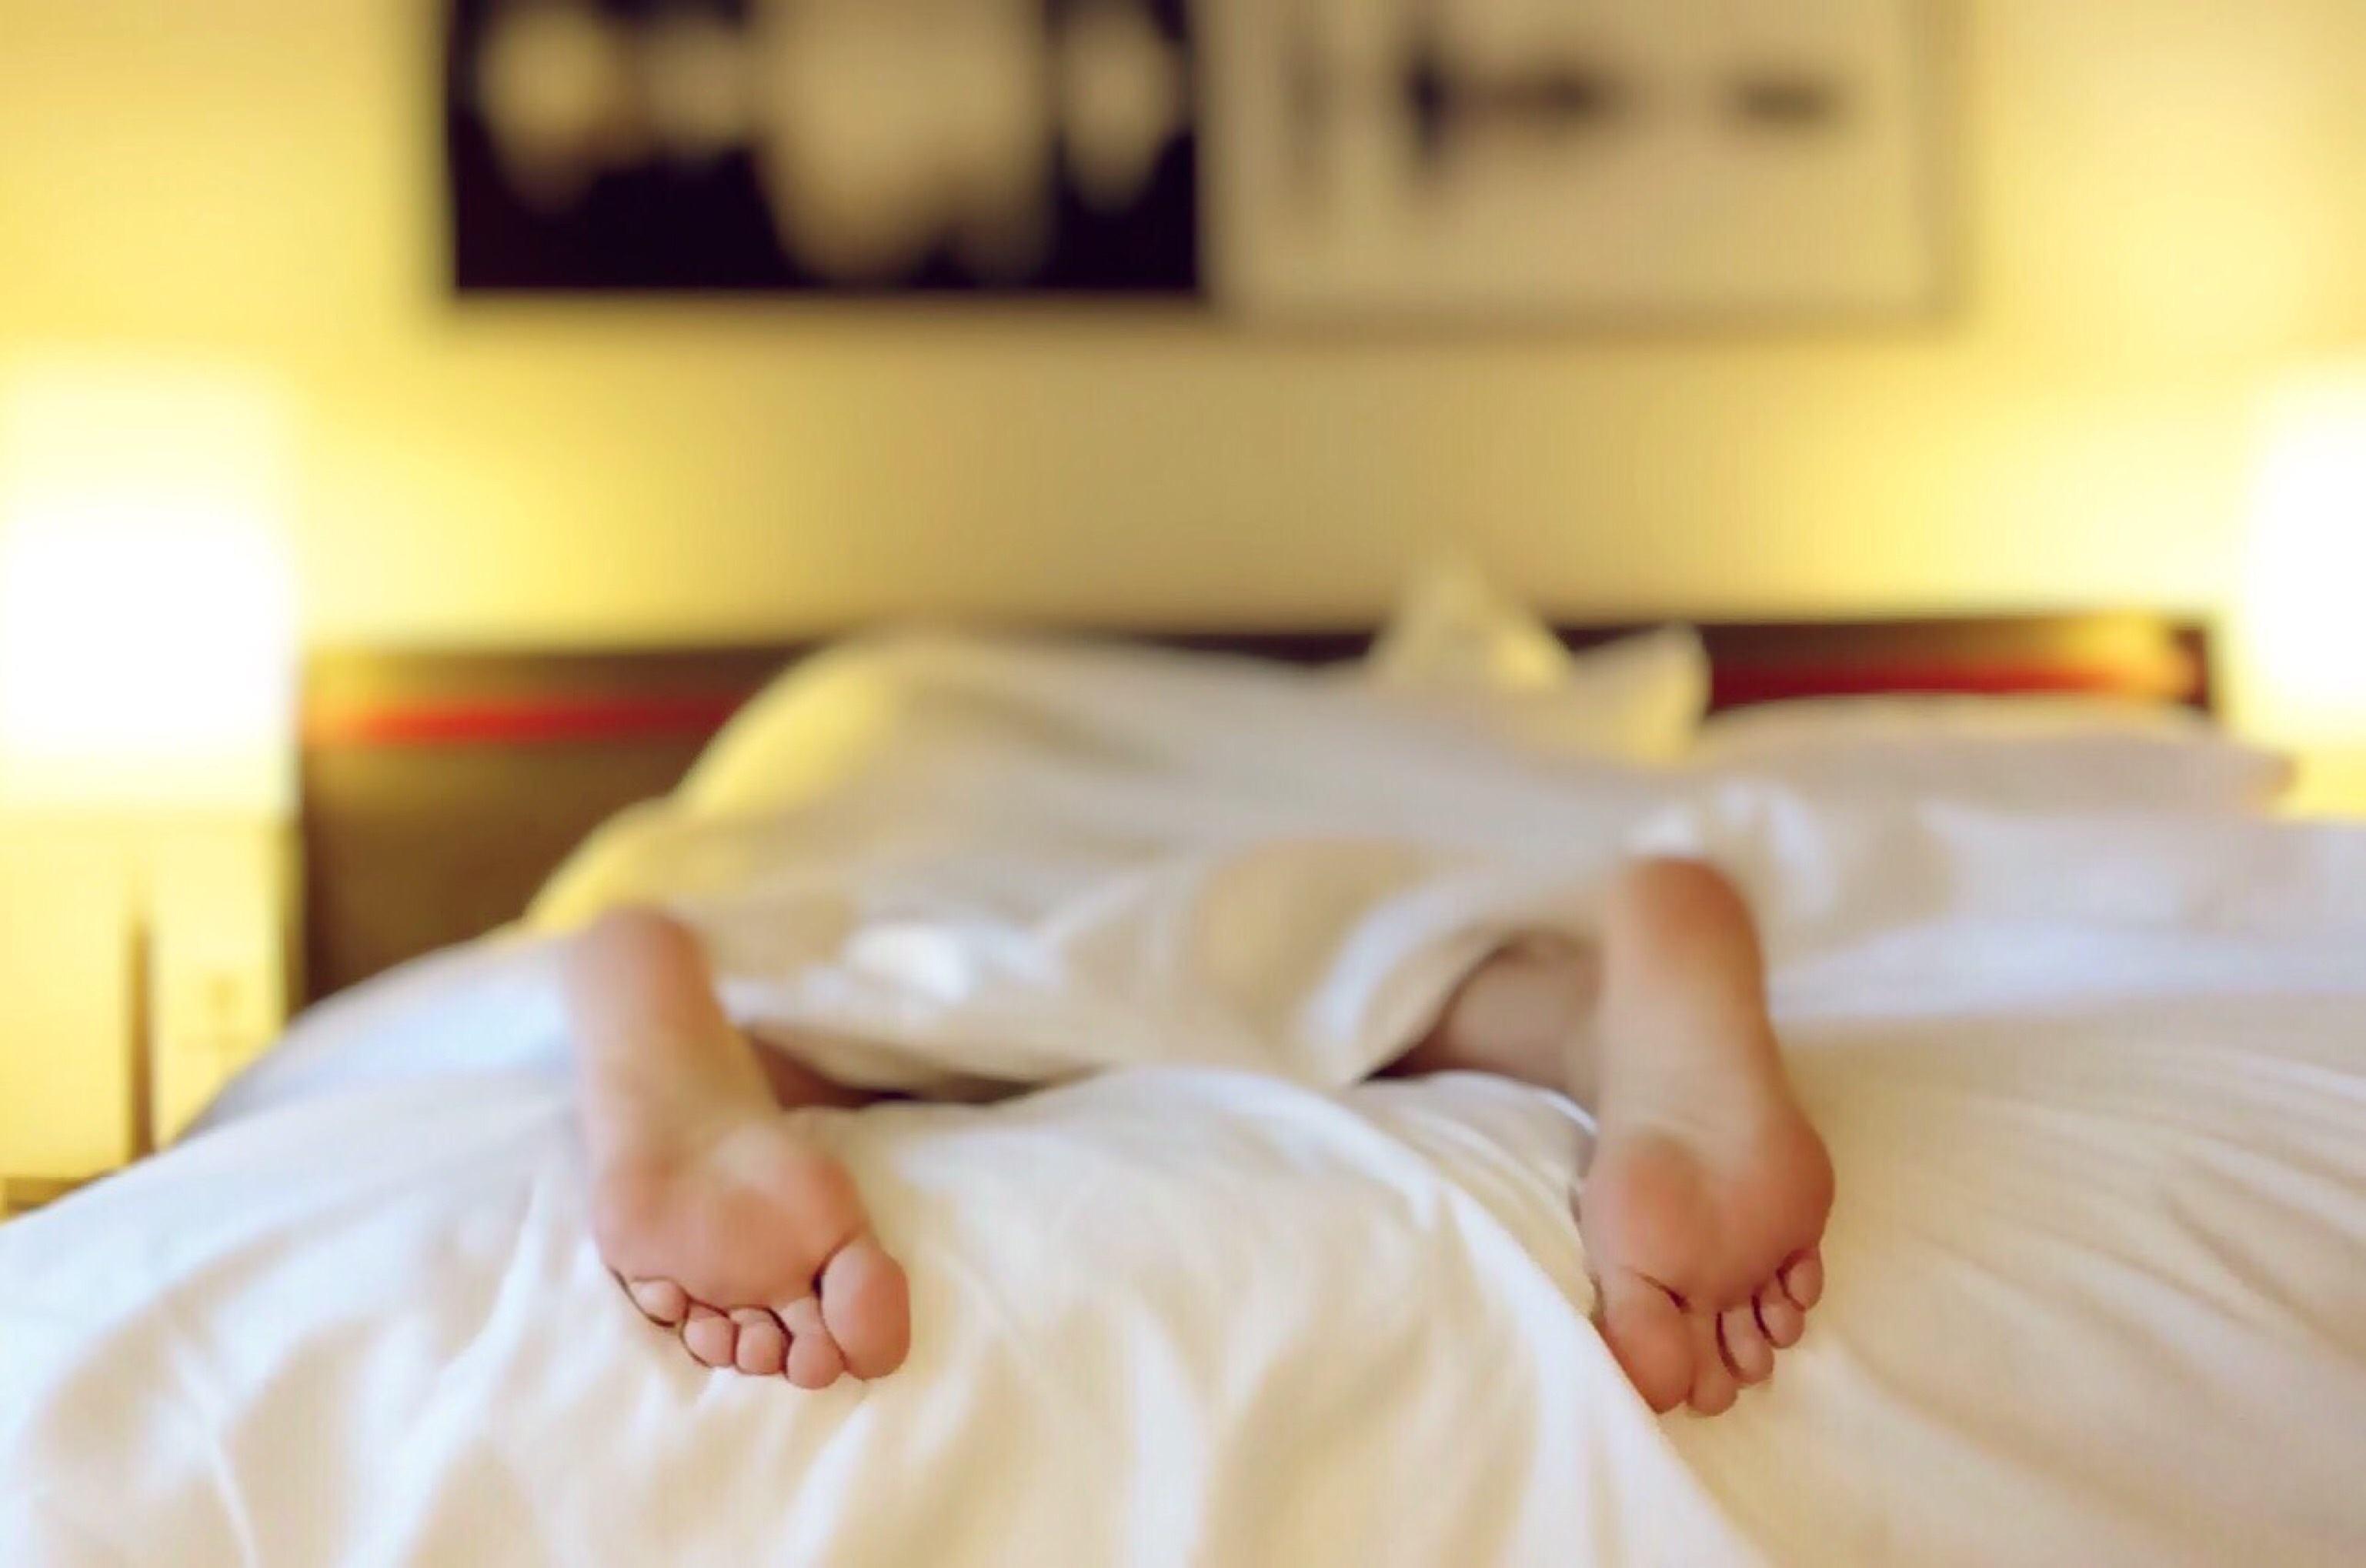 【改善方法】減少油膩的飲食及加工食品、乳製品的攝取。放鬆身心並且每日至少運動30分鐘、10點前就寢就是最好的改善方法~